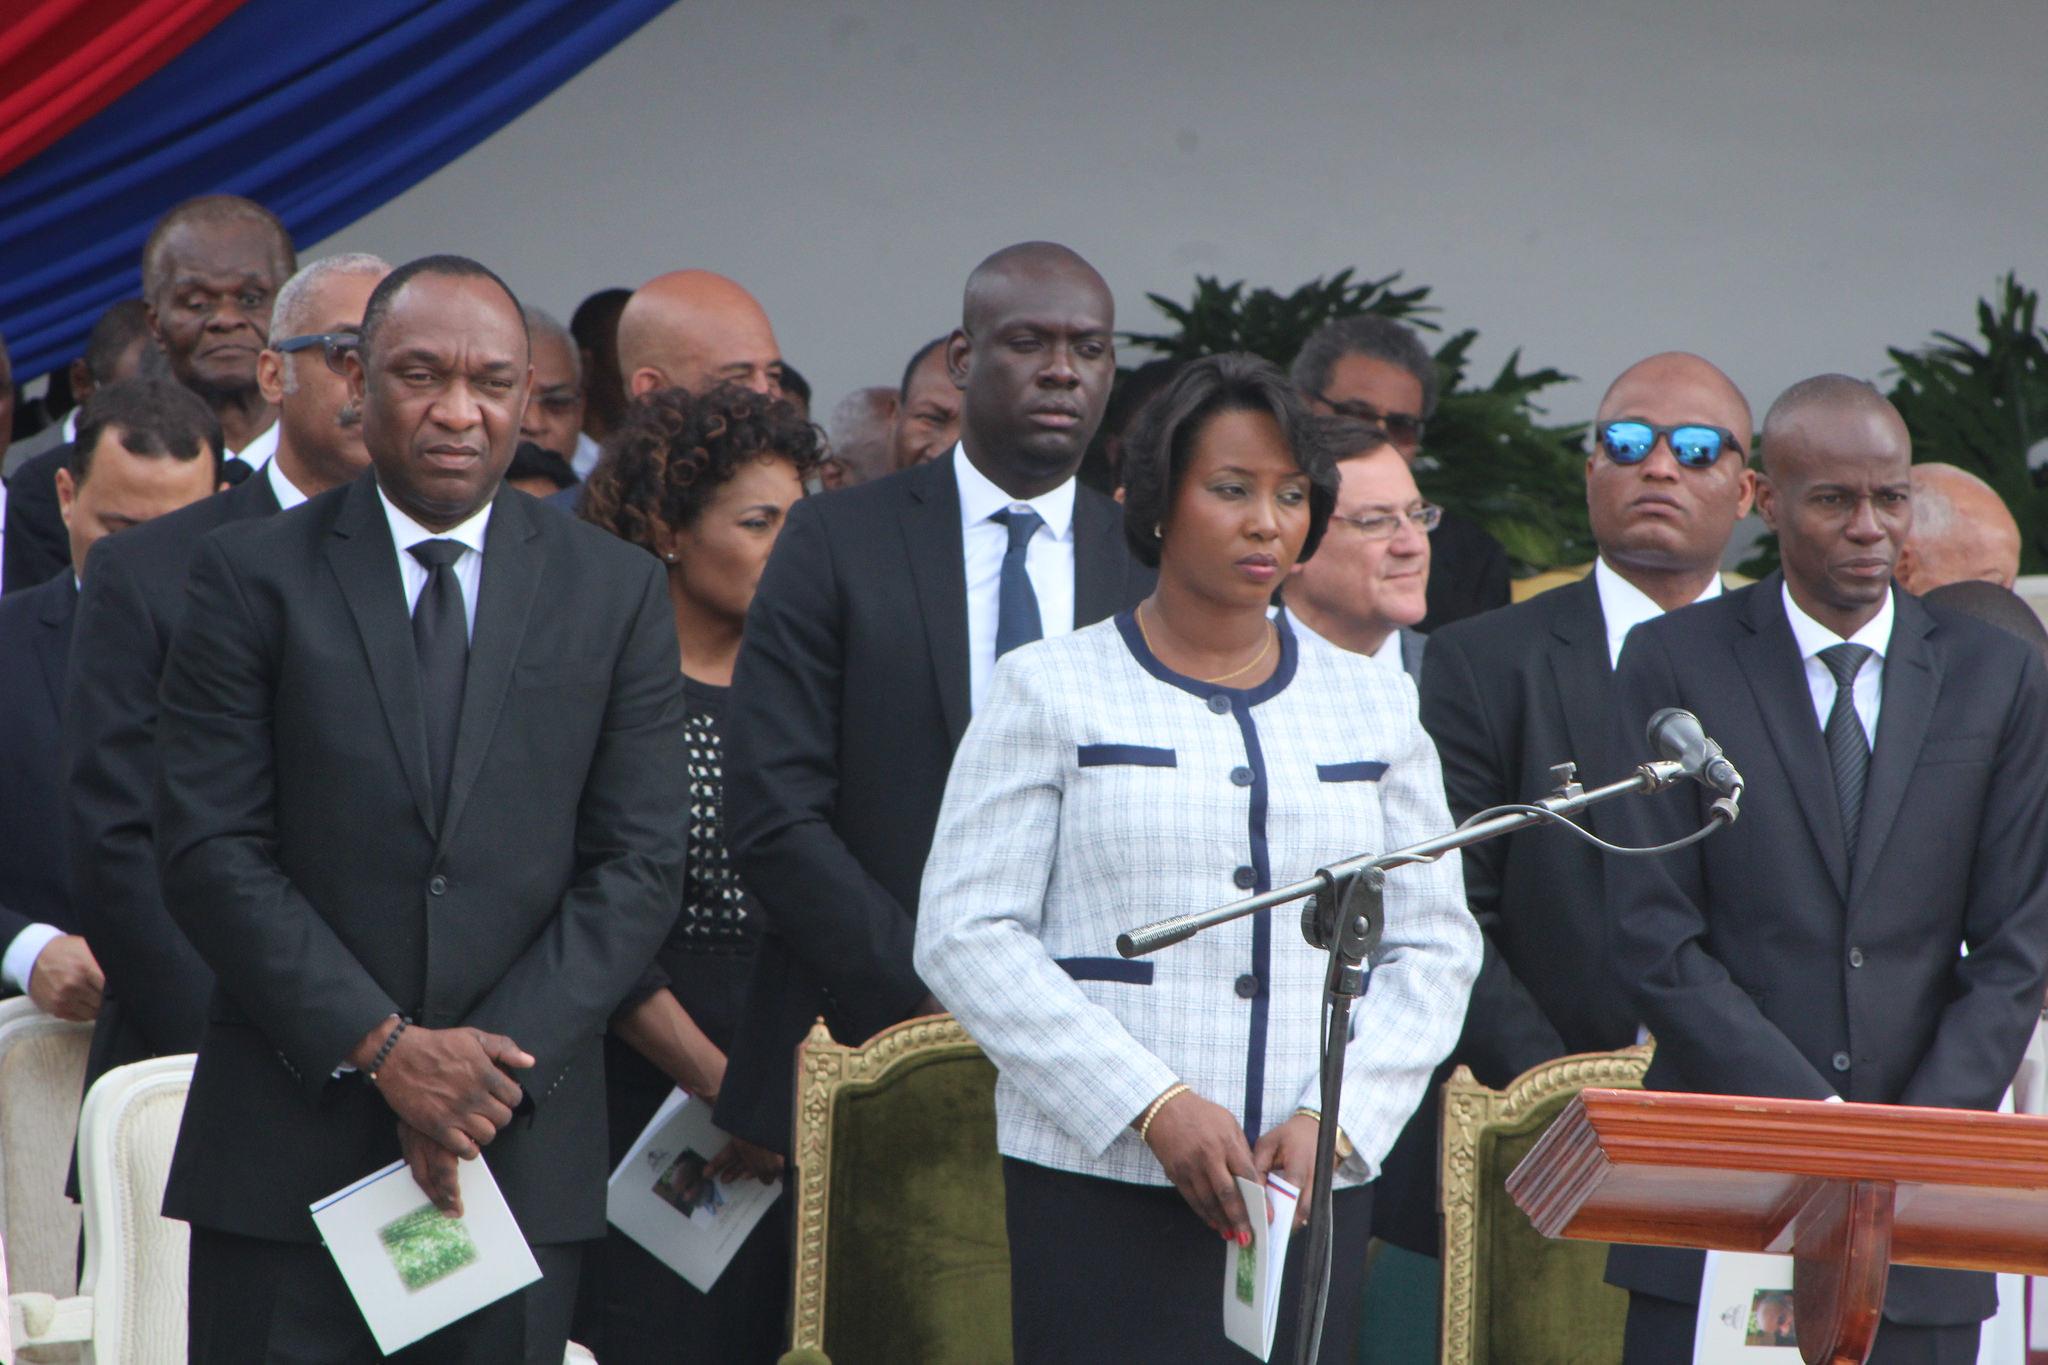 De gauche à droite, le Président du Sénat Youri Latortue, la prémière dame Martine Moïse, et le président Jovenel Moïse pendant la cérémonie civile le samedi 11 mars 2017. PHOTO: Daniel Tercier/Haïti Liberté